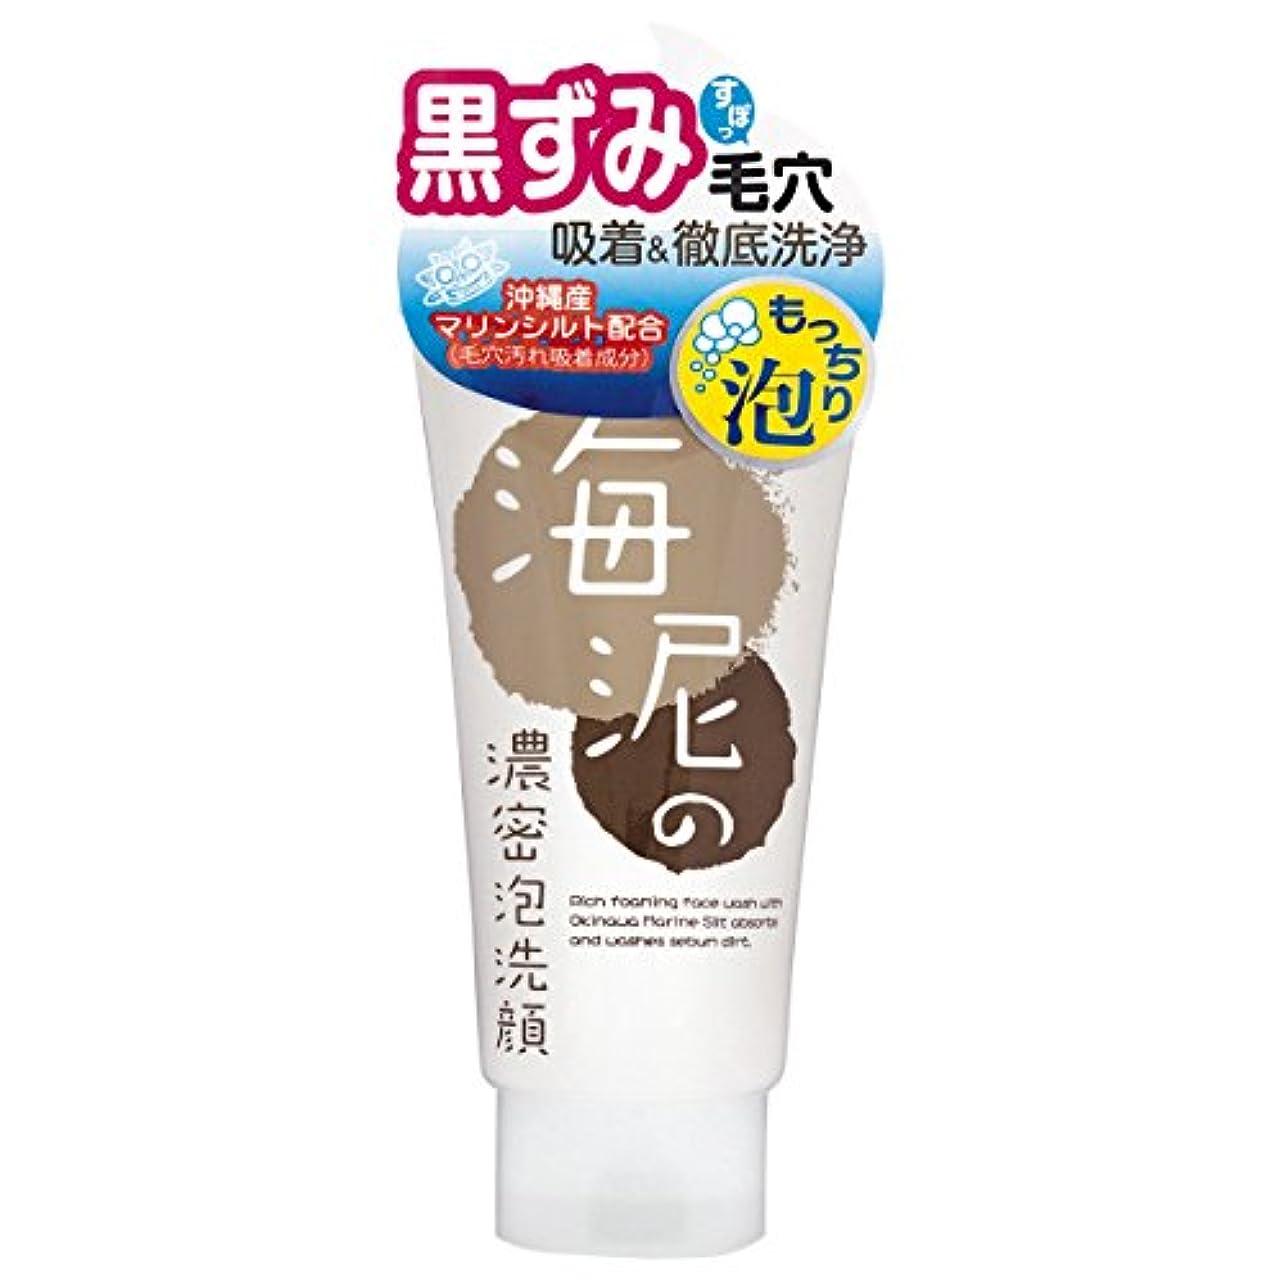 シンボルグロー内訳リアルトライ 海泥の濃密泡洗顔120g